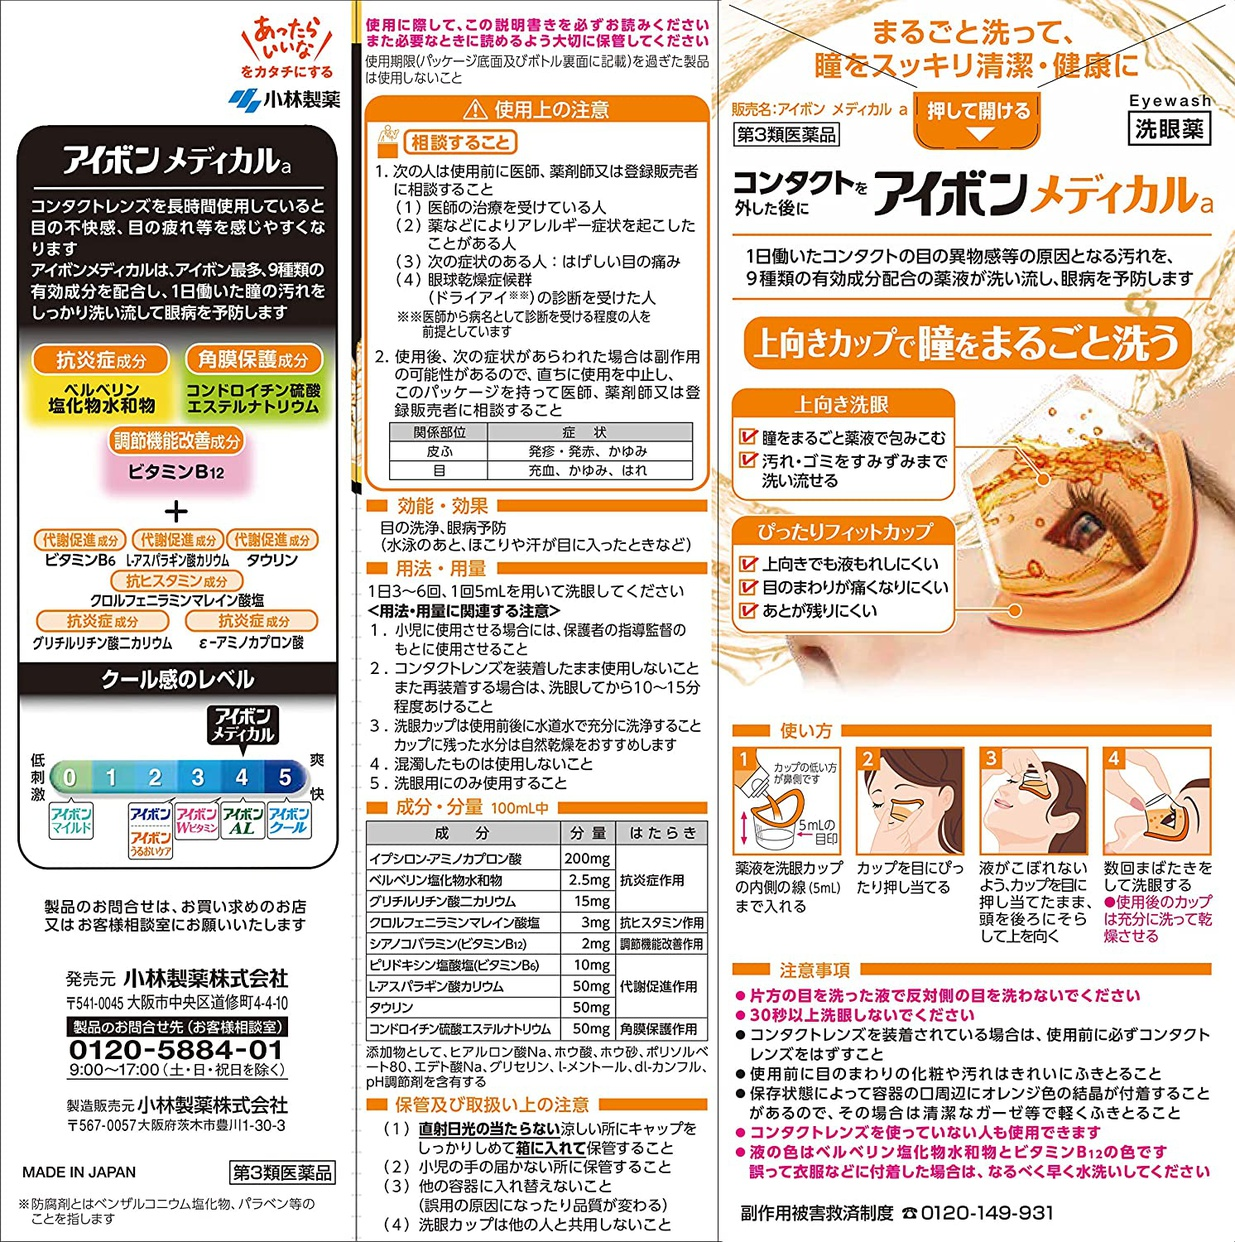 アイボン メディカルaの商品画像3